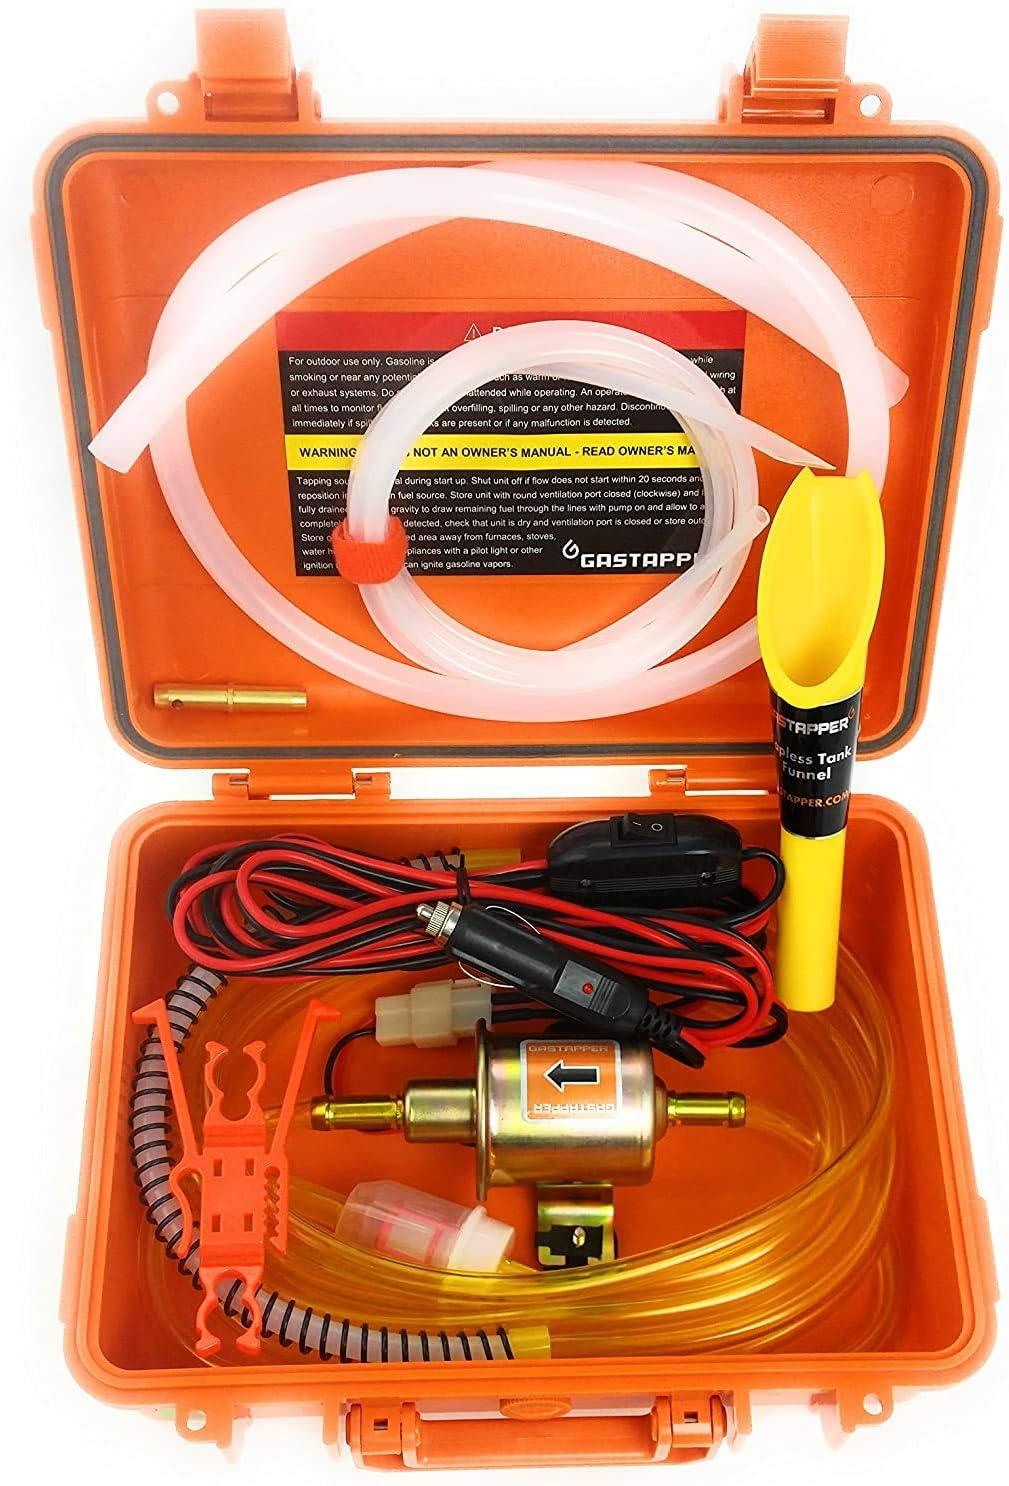 GasTapper 12 V Bomba de Transferencia de Gasolina/sifón UTV de, Barcos, Equipos, vehículos, Gas, Diesel – Búsqueda gentap para Otros Modelos